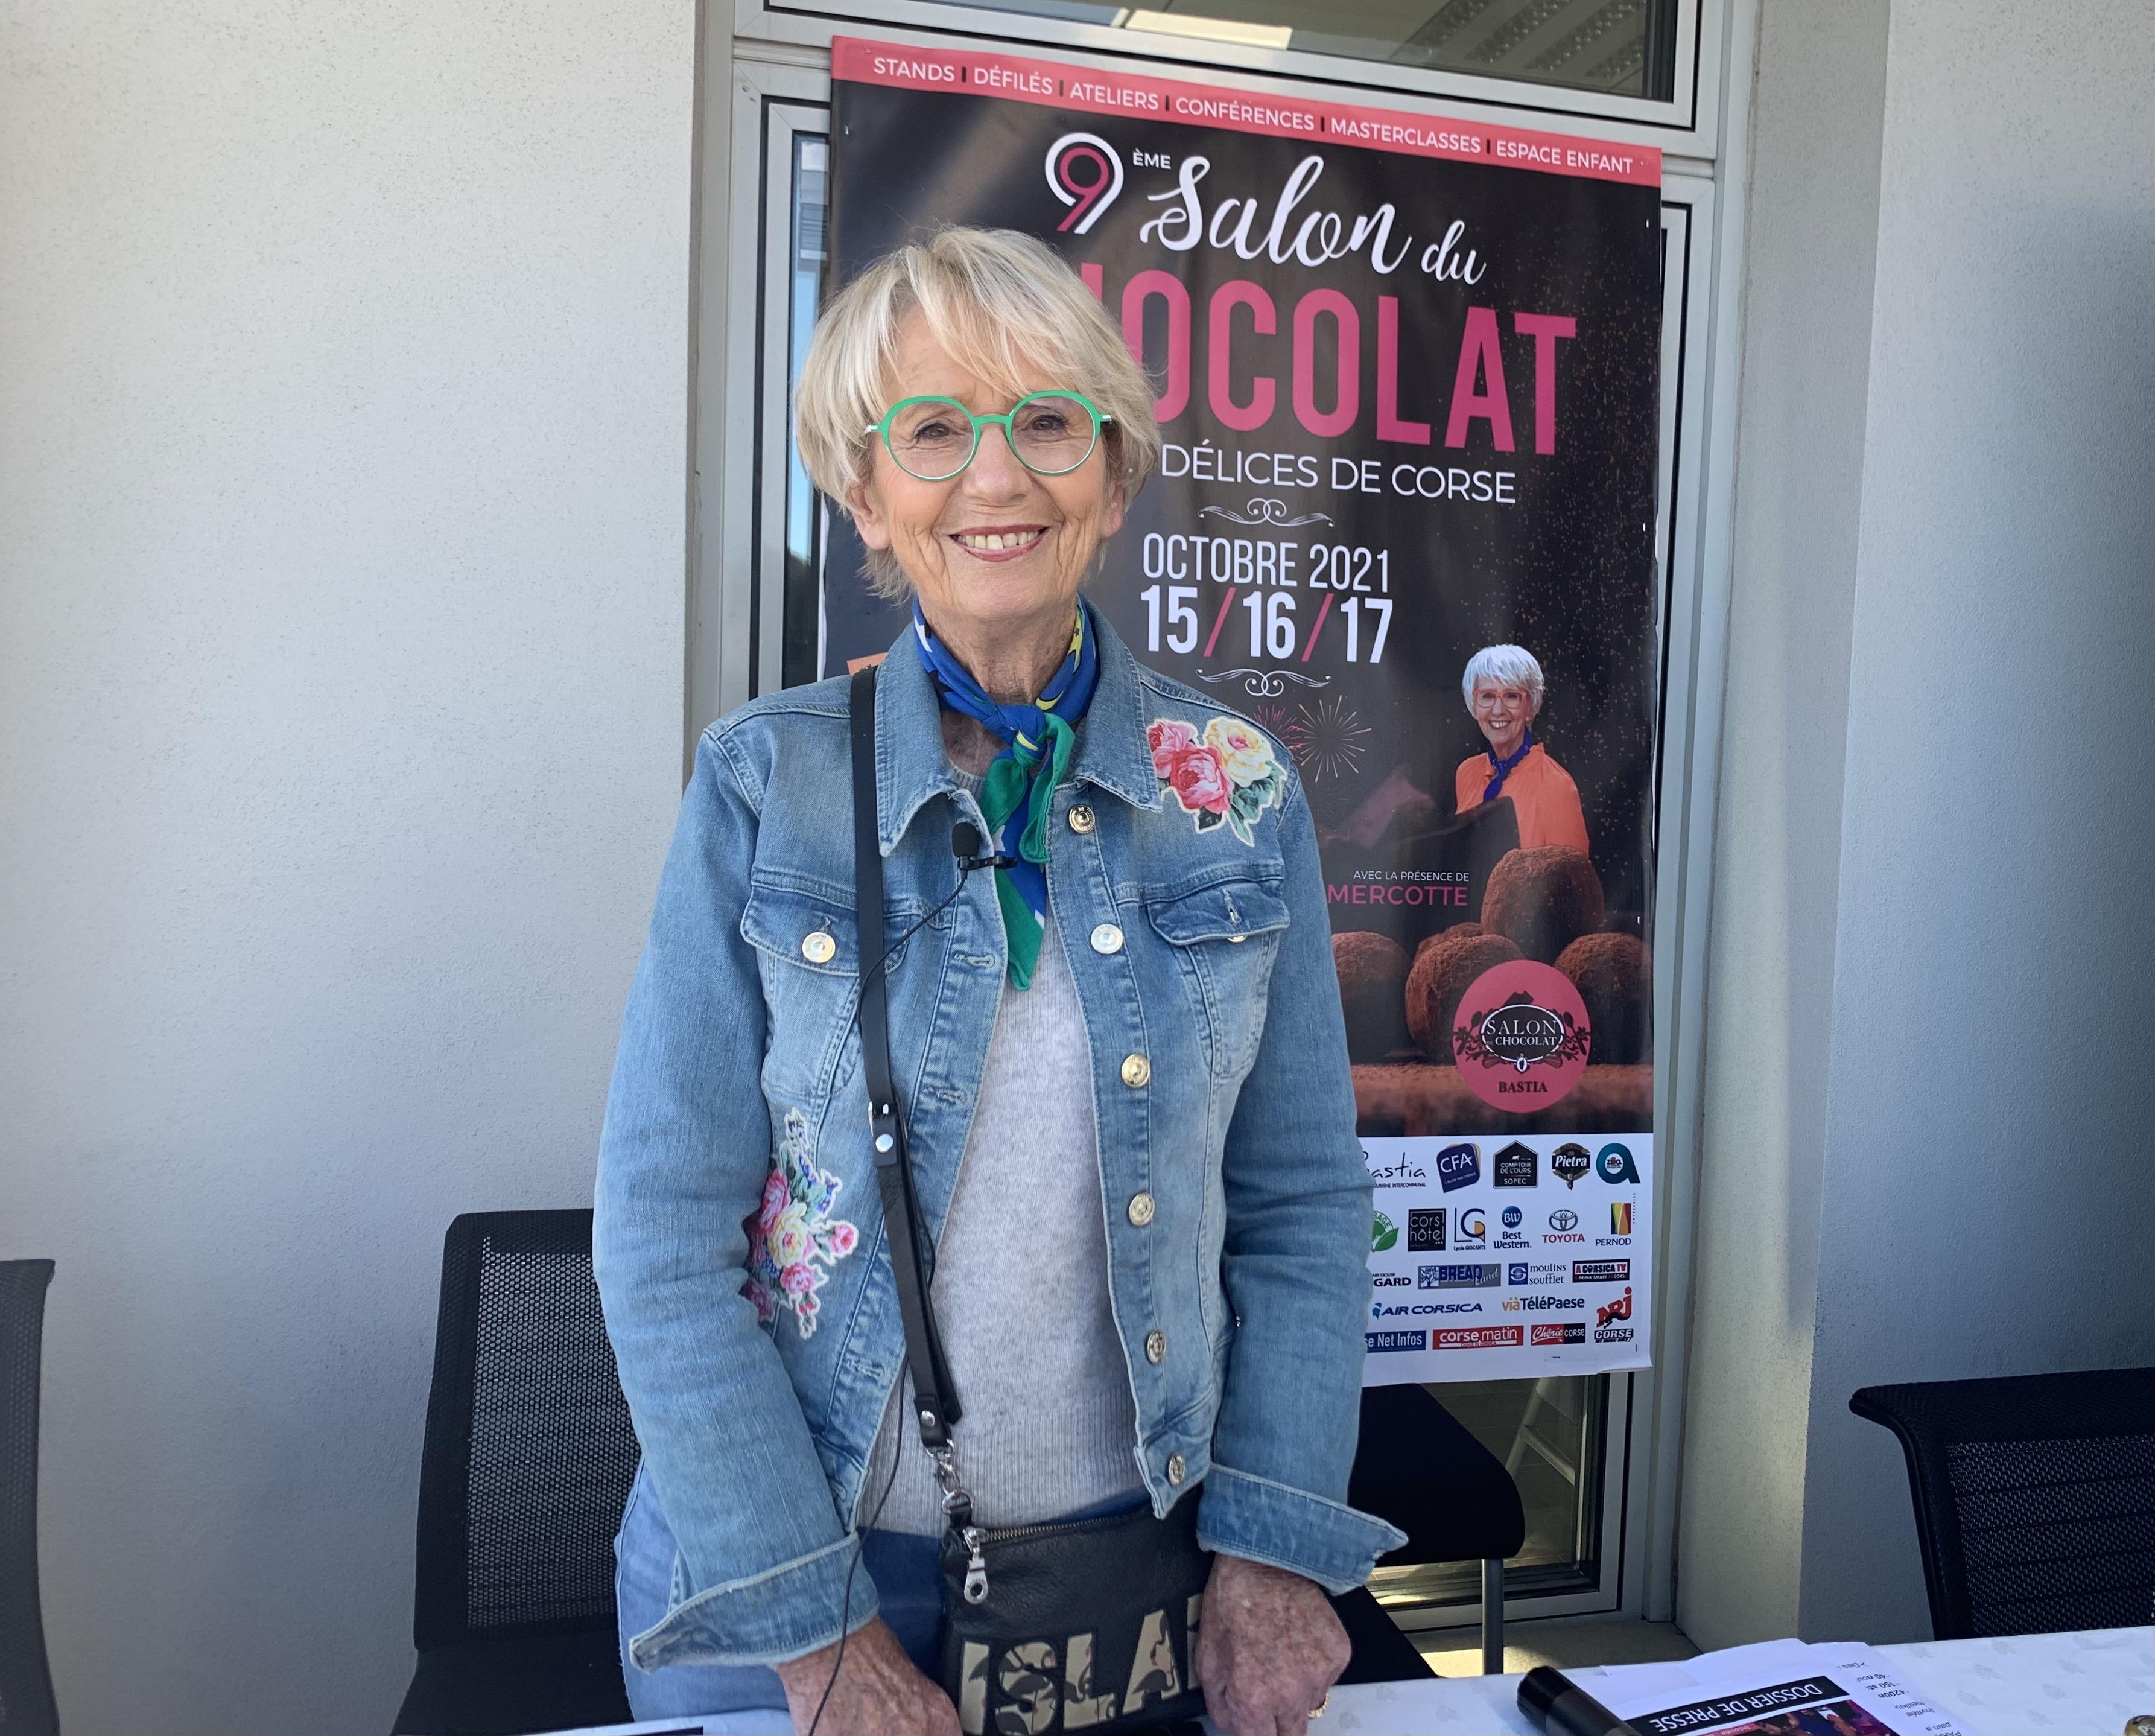 La 9ème édition du Salon du chocolat se tiendra du 15 au 17 octobre sur la place Saint Nicolas